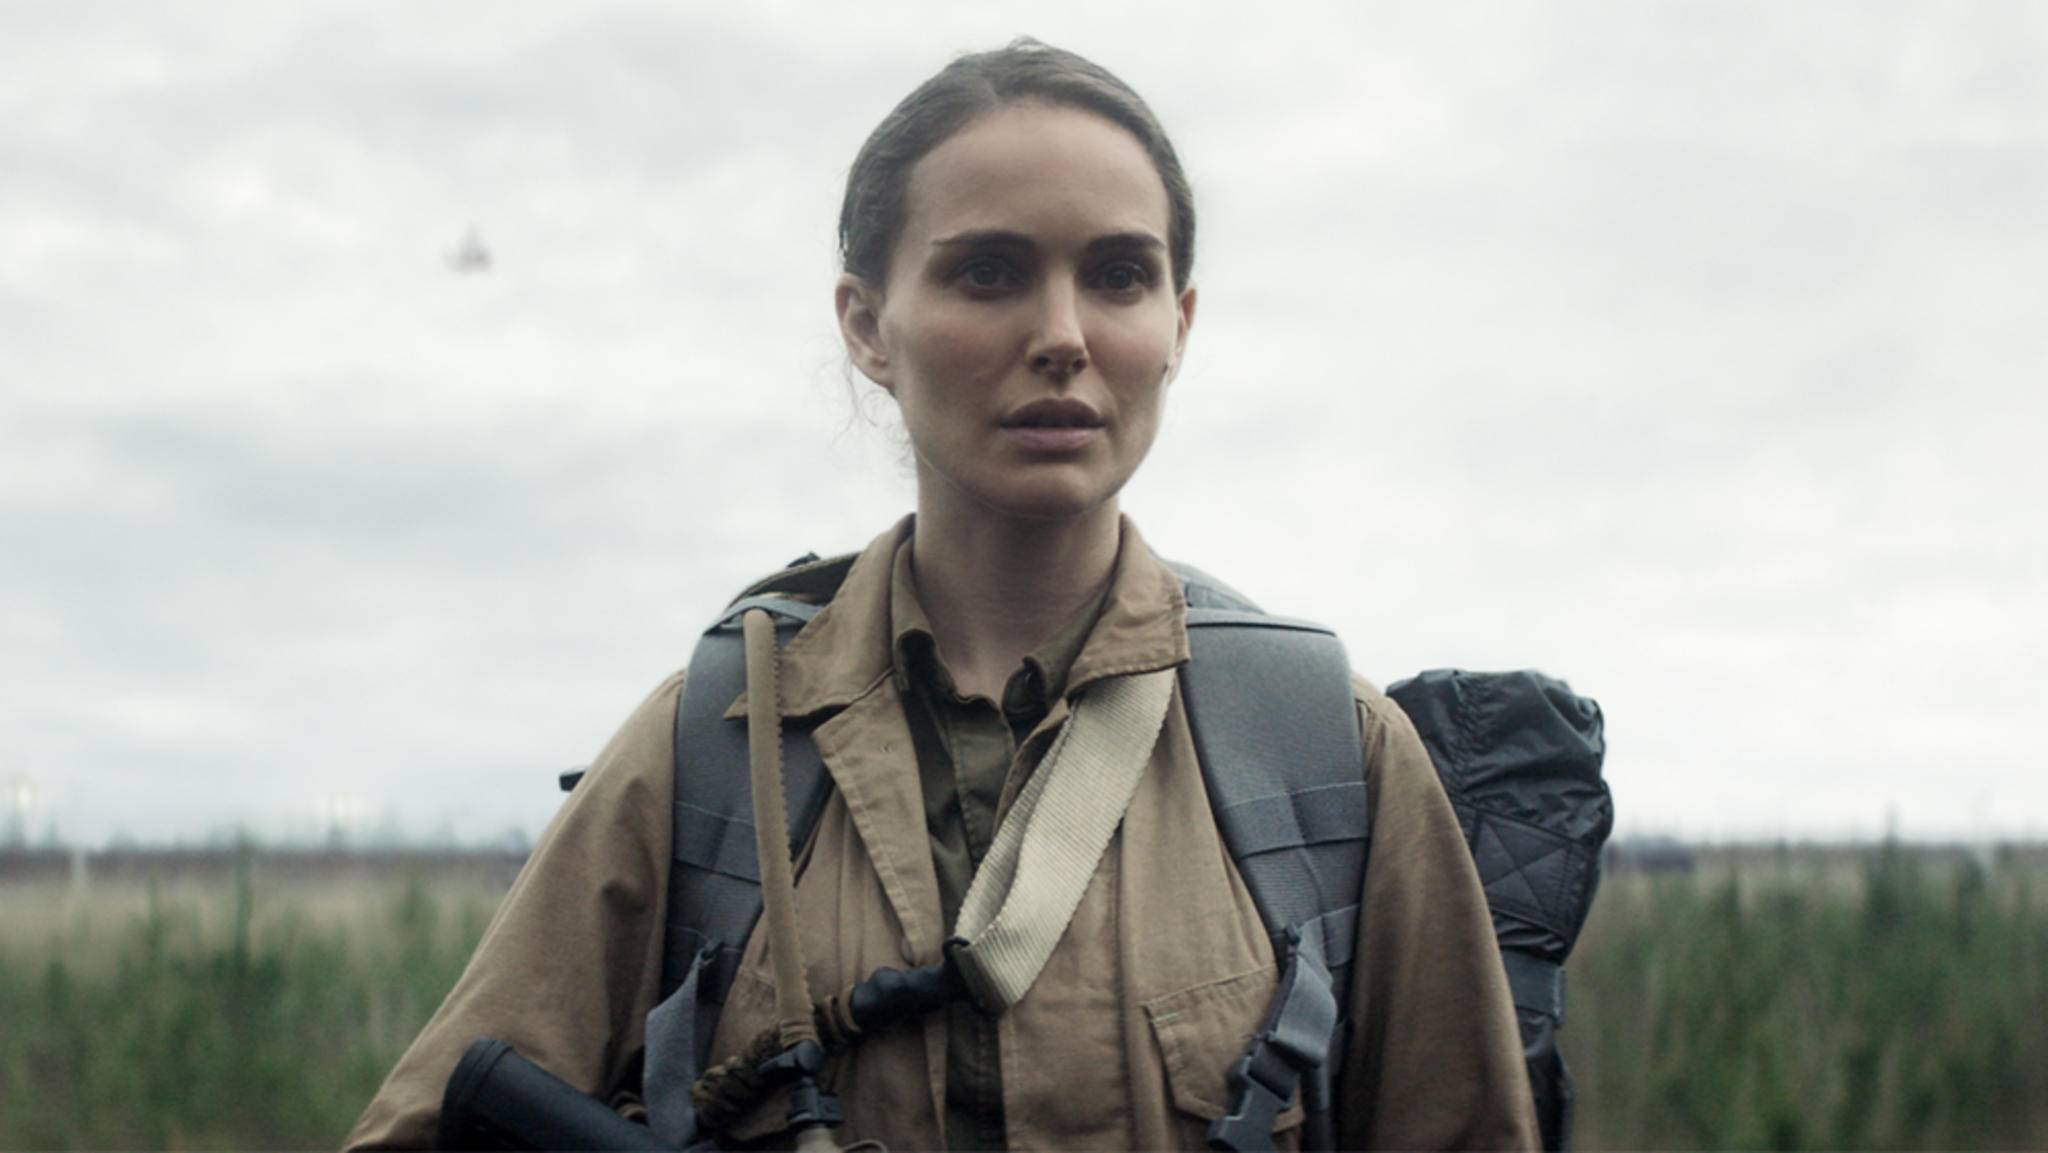 Natalie Portmans Expedition scheint unter keinem guten Stern zu stehen.